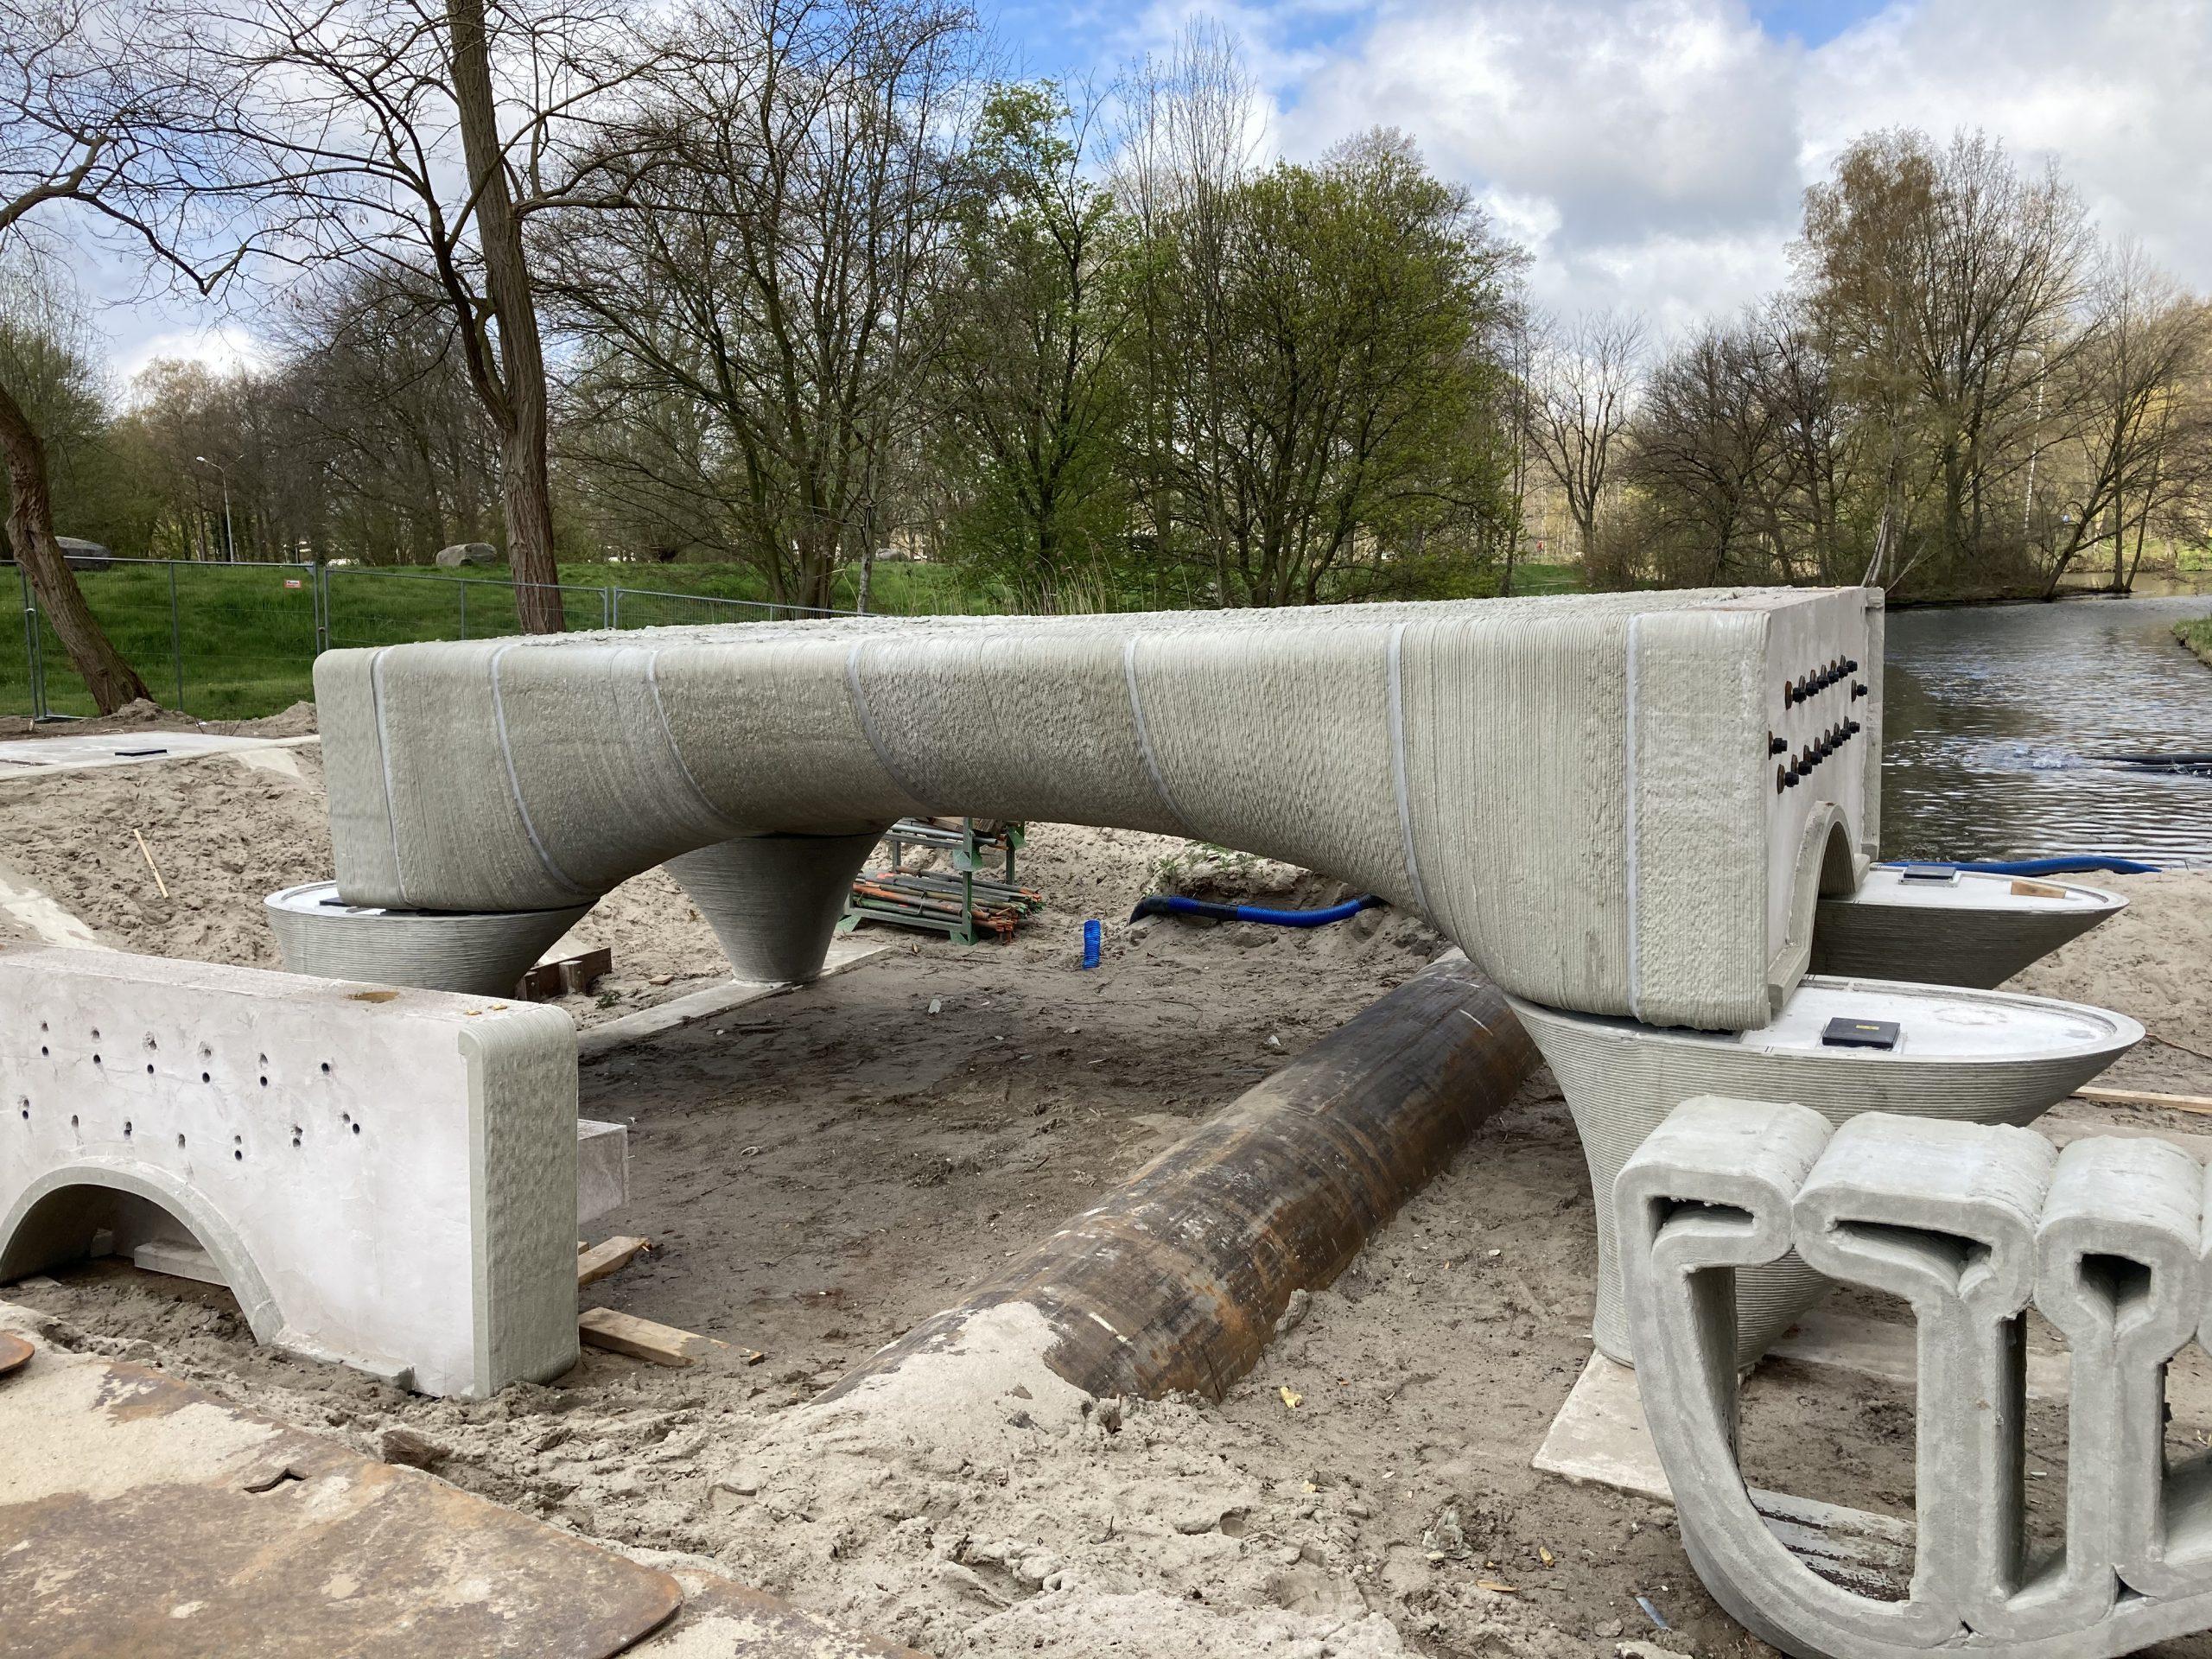 Assembling the 3D printed concrete bridge. Photo via Municipality of Nijmegen/Michiel van der Kley.